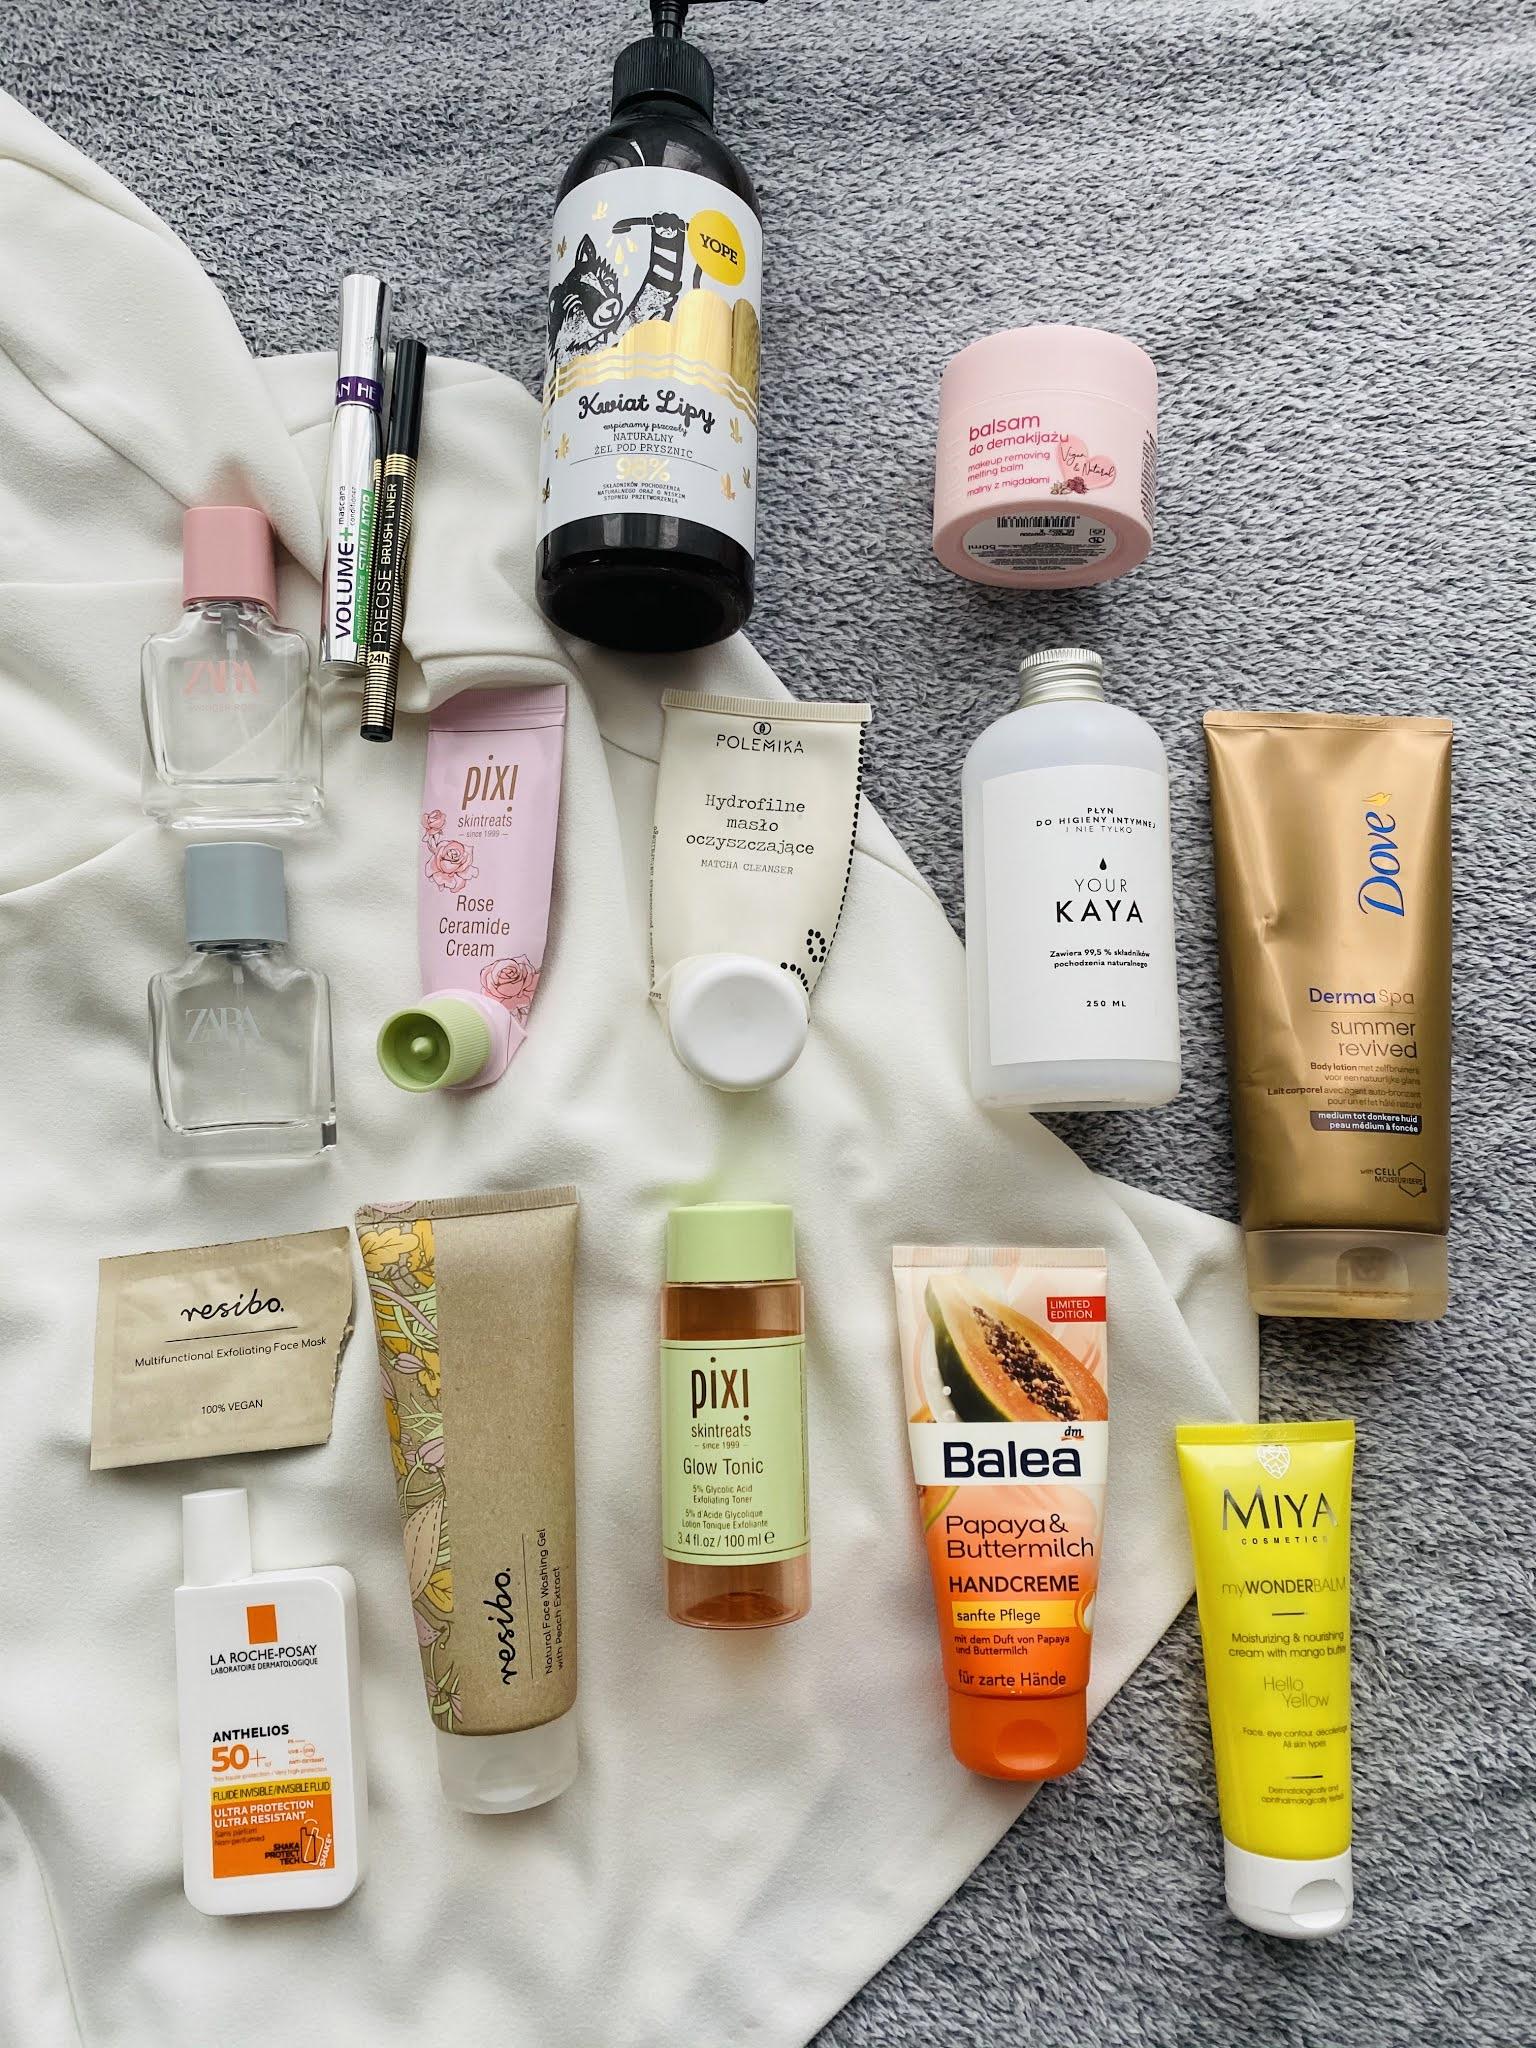 Zużycia ostatnich miesięcy | Hity do oczyszczania twarzy Polemika i Resibo